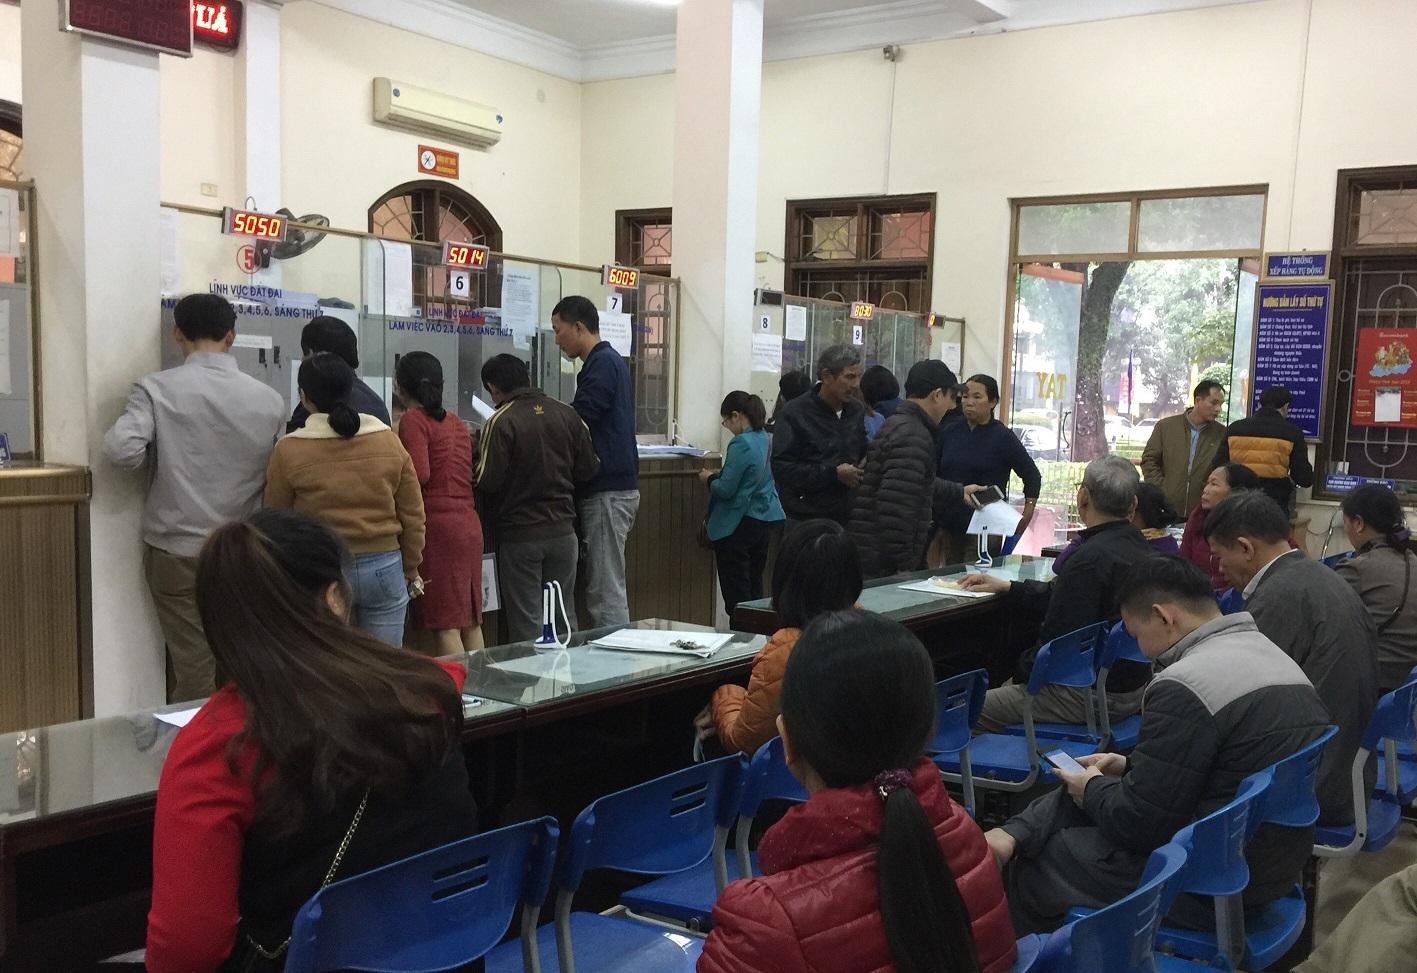 Thành phố Vinh: Cảnh báo tình trạng làm giả sổ đỏ để lừa đảo giao dịch bất động sản